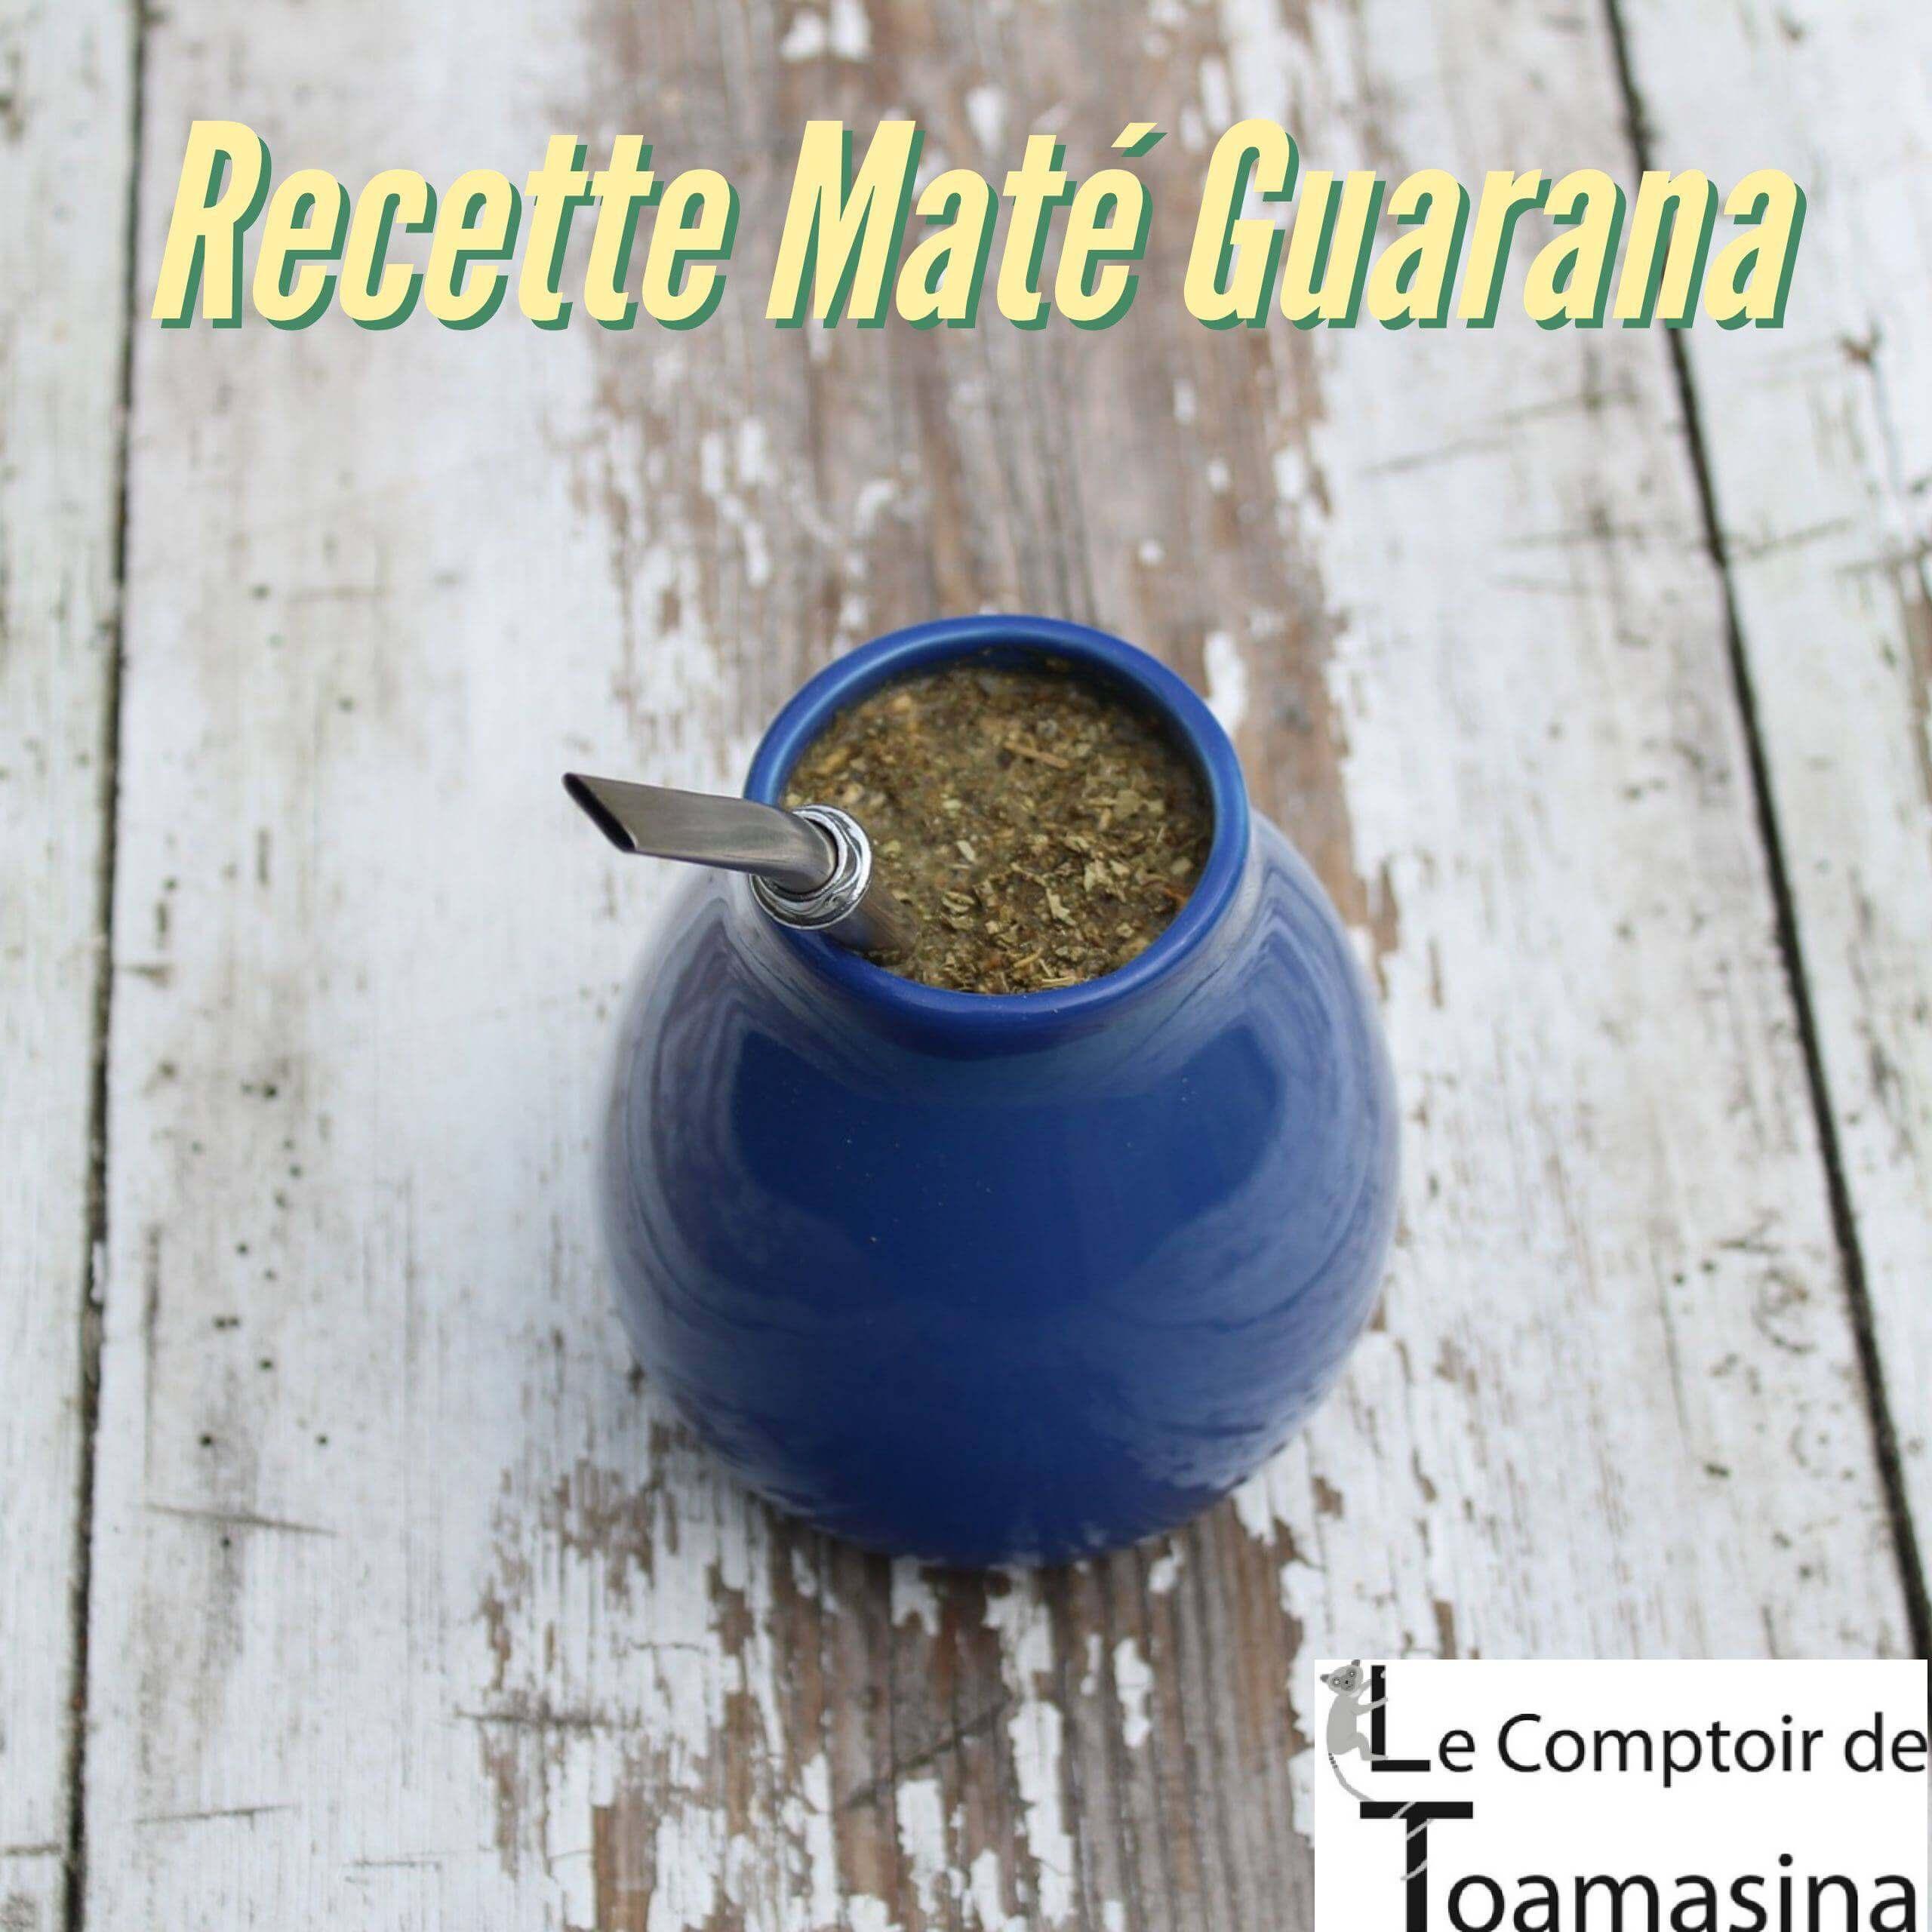 Mate Guarana